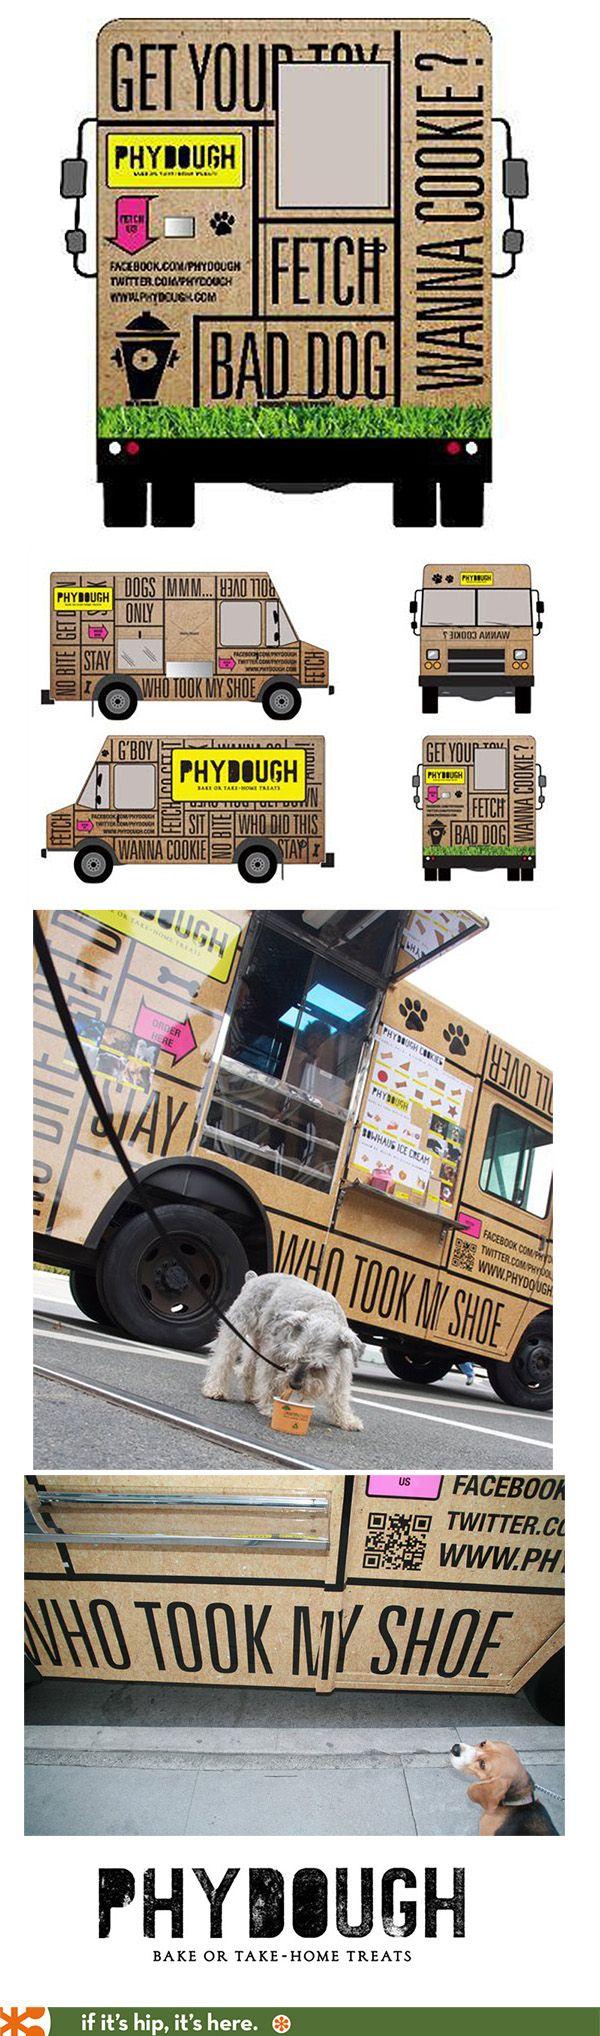 ein food truck f r hunde f r frauchen herrchen. Black Bedroom Furniture Sets. Home Design Ideas